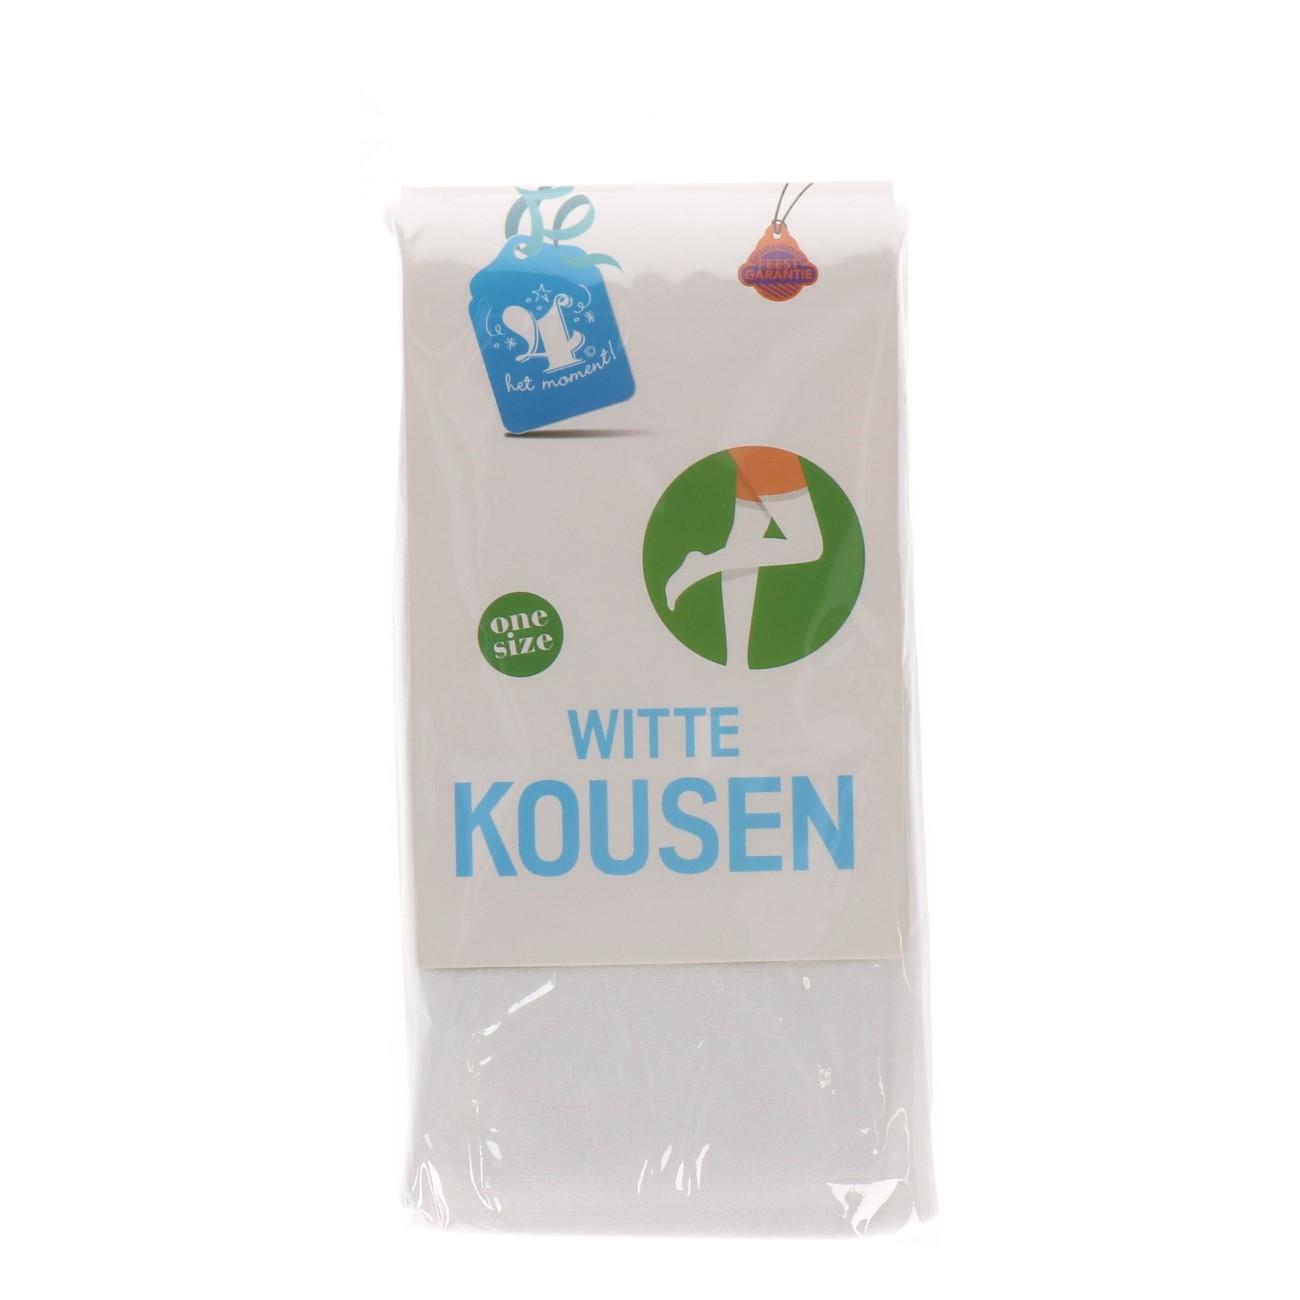 Kousen wit one size